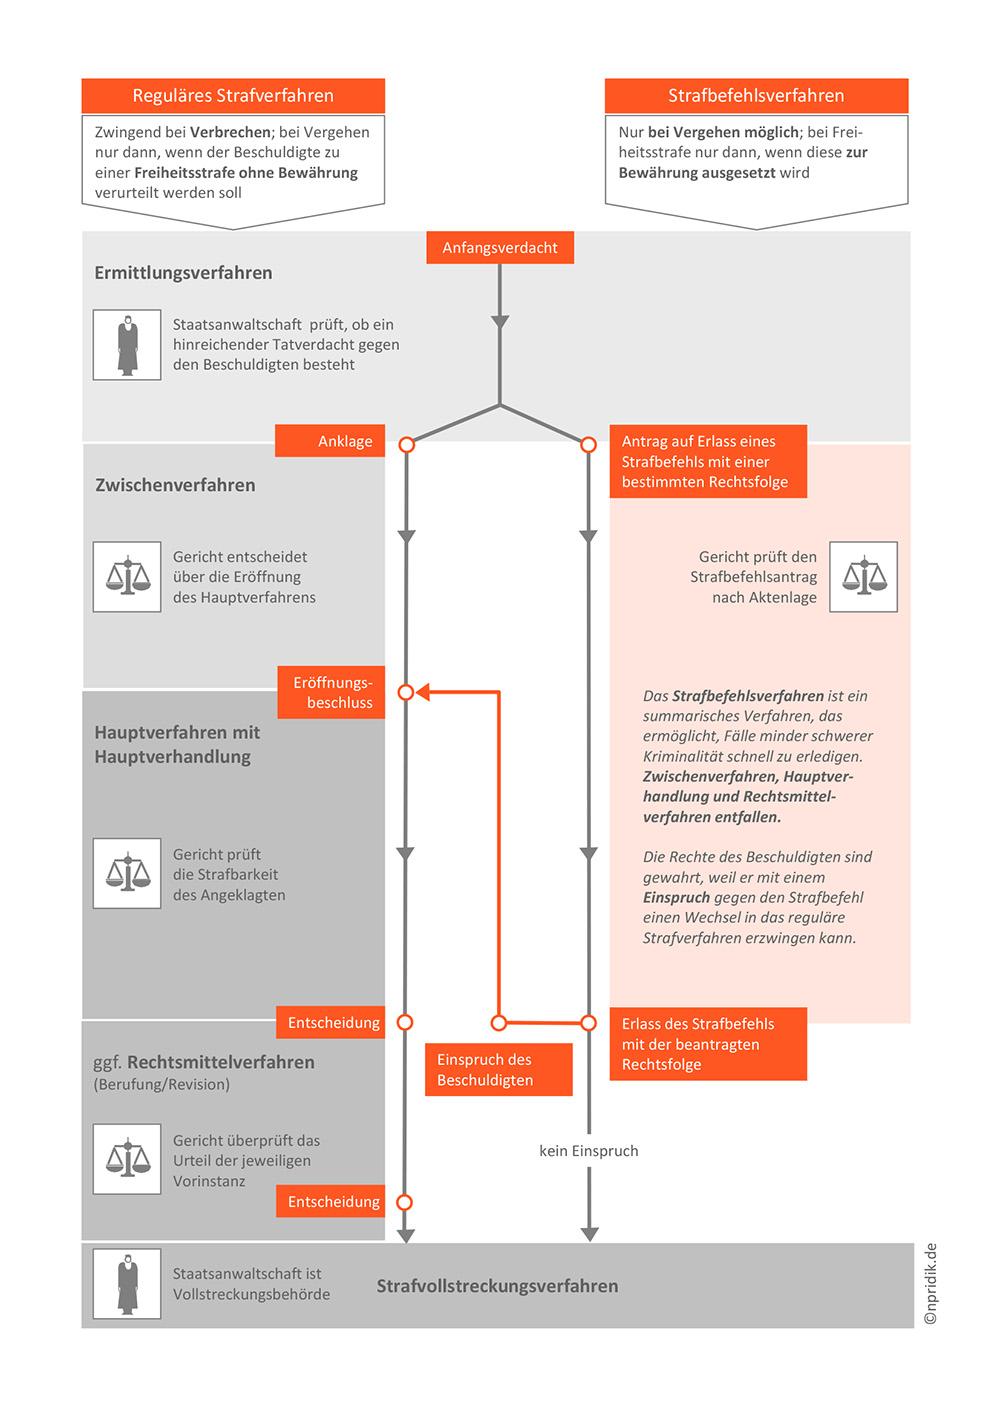 Reguläres Strafverfahren und Strafbefehlsverfahren im Vergleich